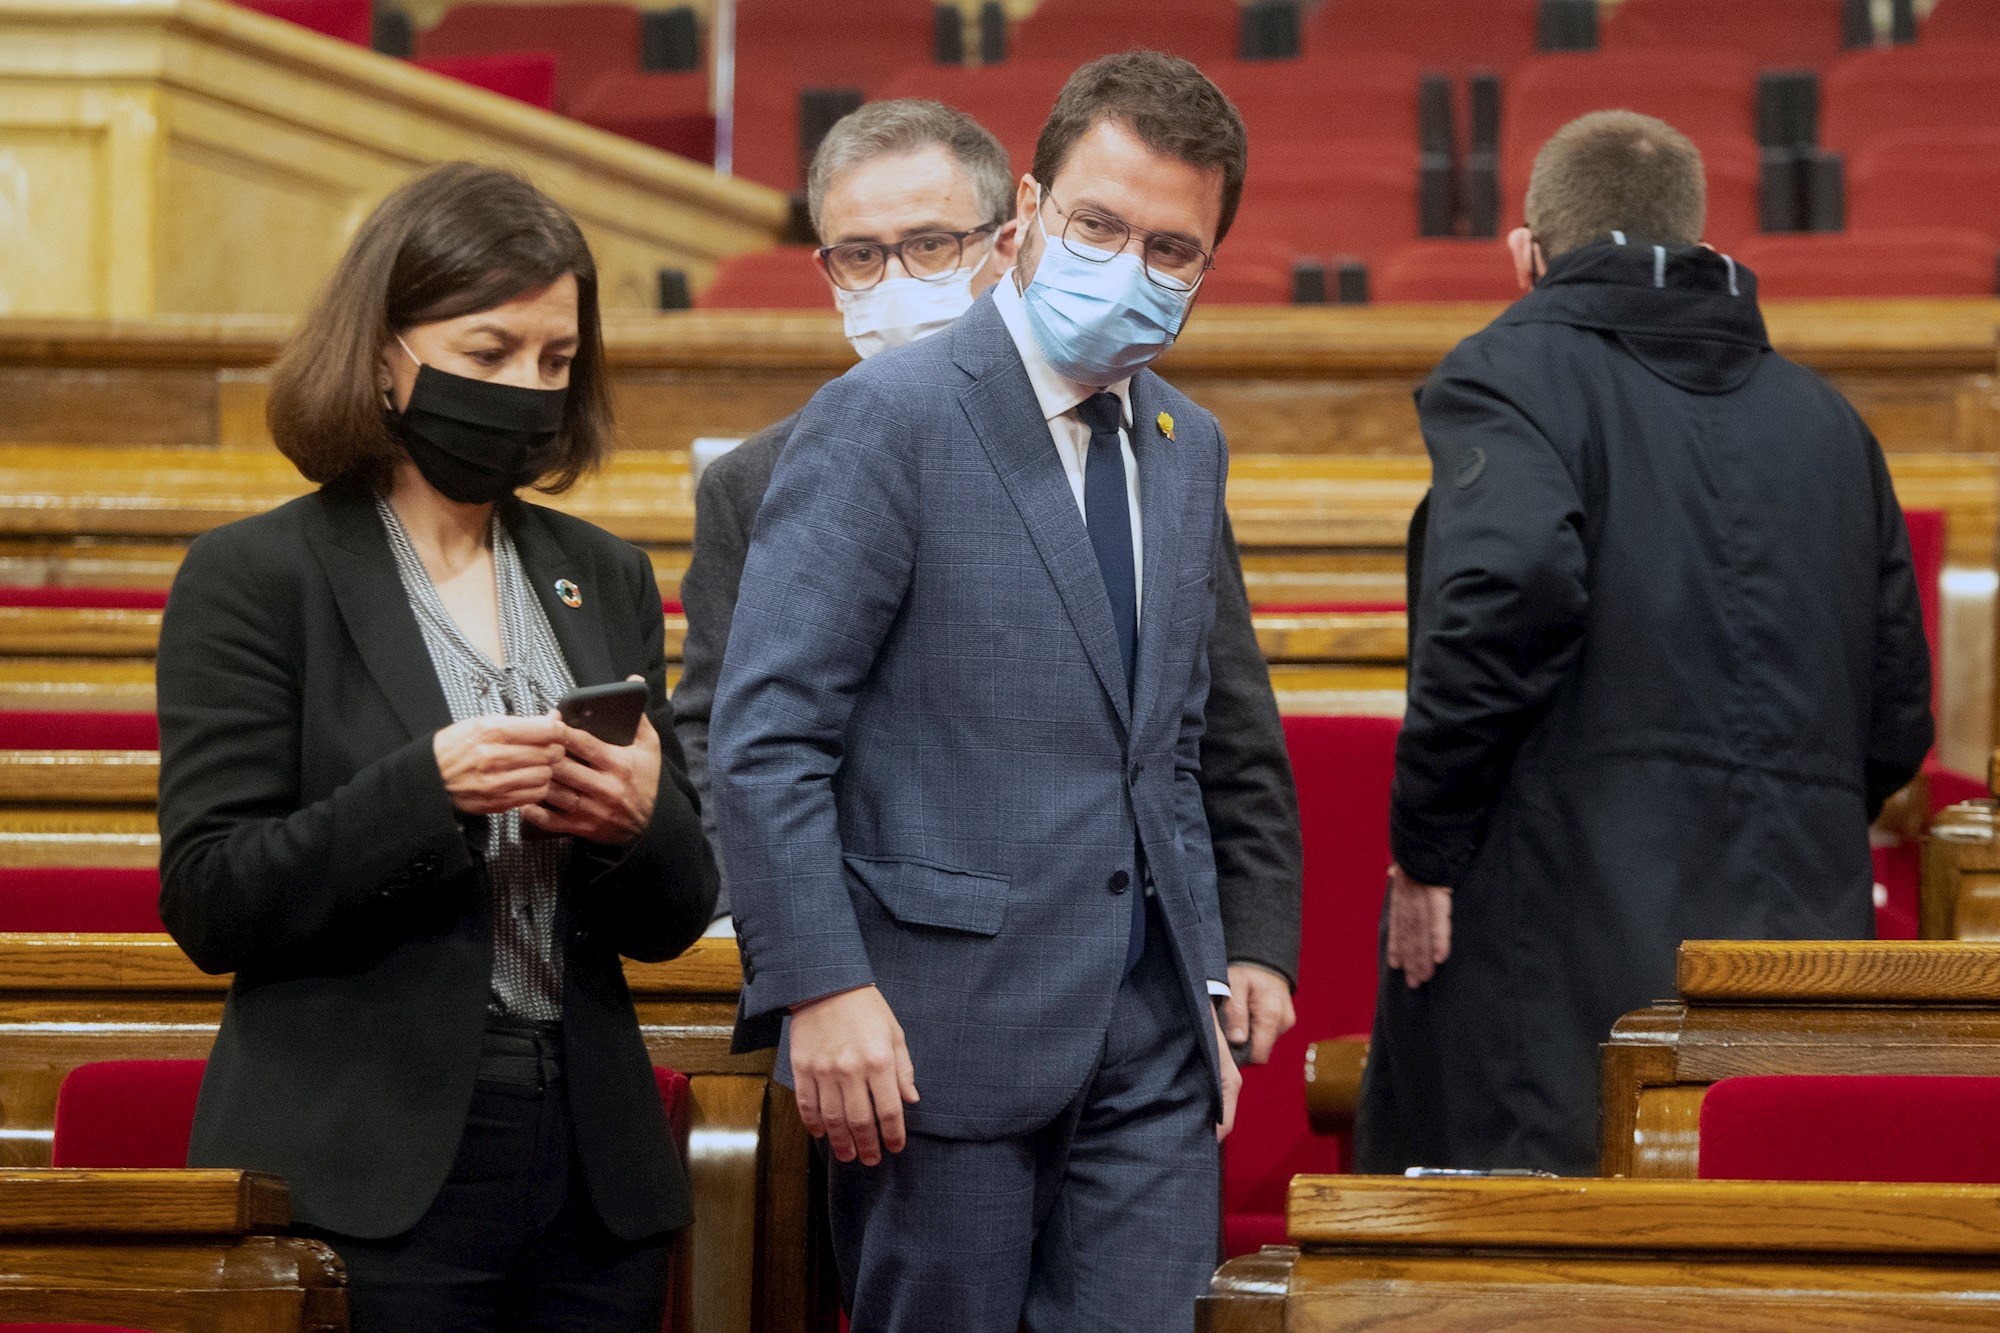 El vicepresidente en funciones del Govern y candidato de ERC a presidente de la Generalitat, Pere Aragonès, junto a la diputada del PSC, Eva Granados, durante la sesión de la Diputación Permanente del Parlament, el 24 de febrero de 2021 | EFE/MP